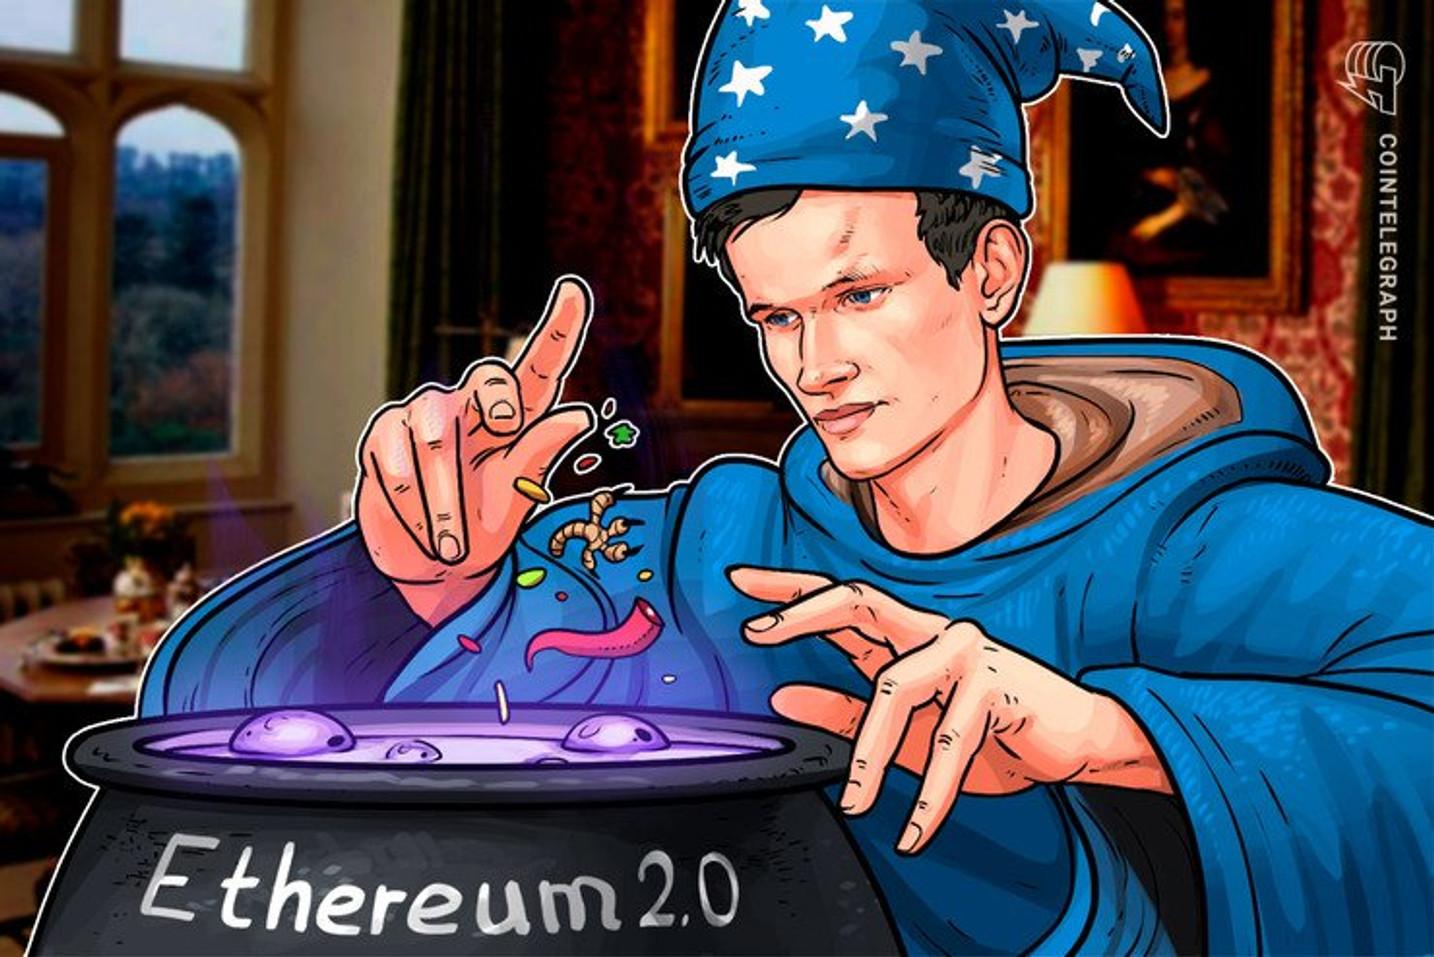 Webinar gratuito com desenvolvedor explica tudo sobre o Ethereum 2.0